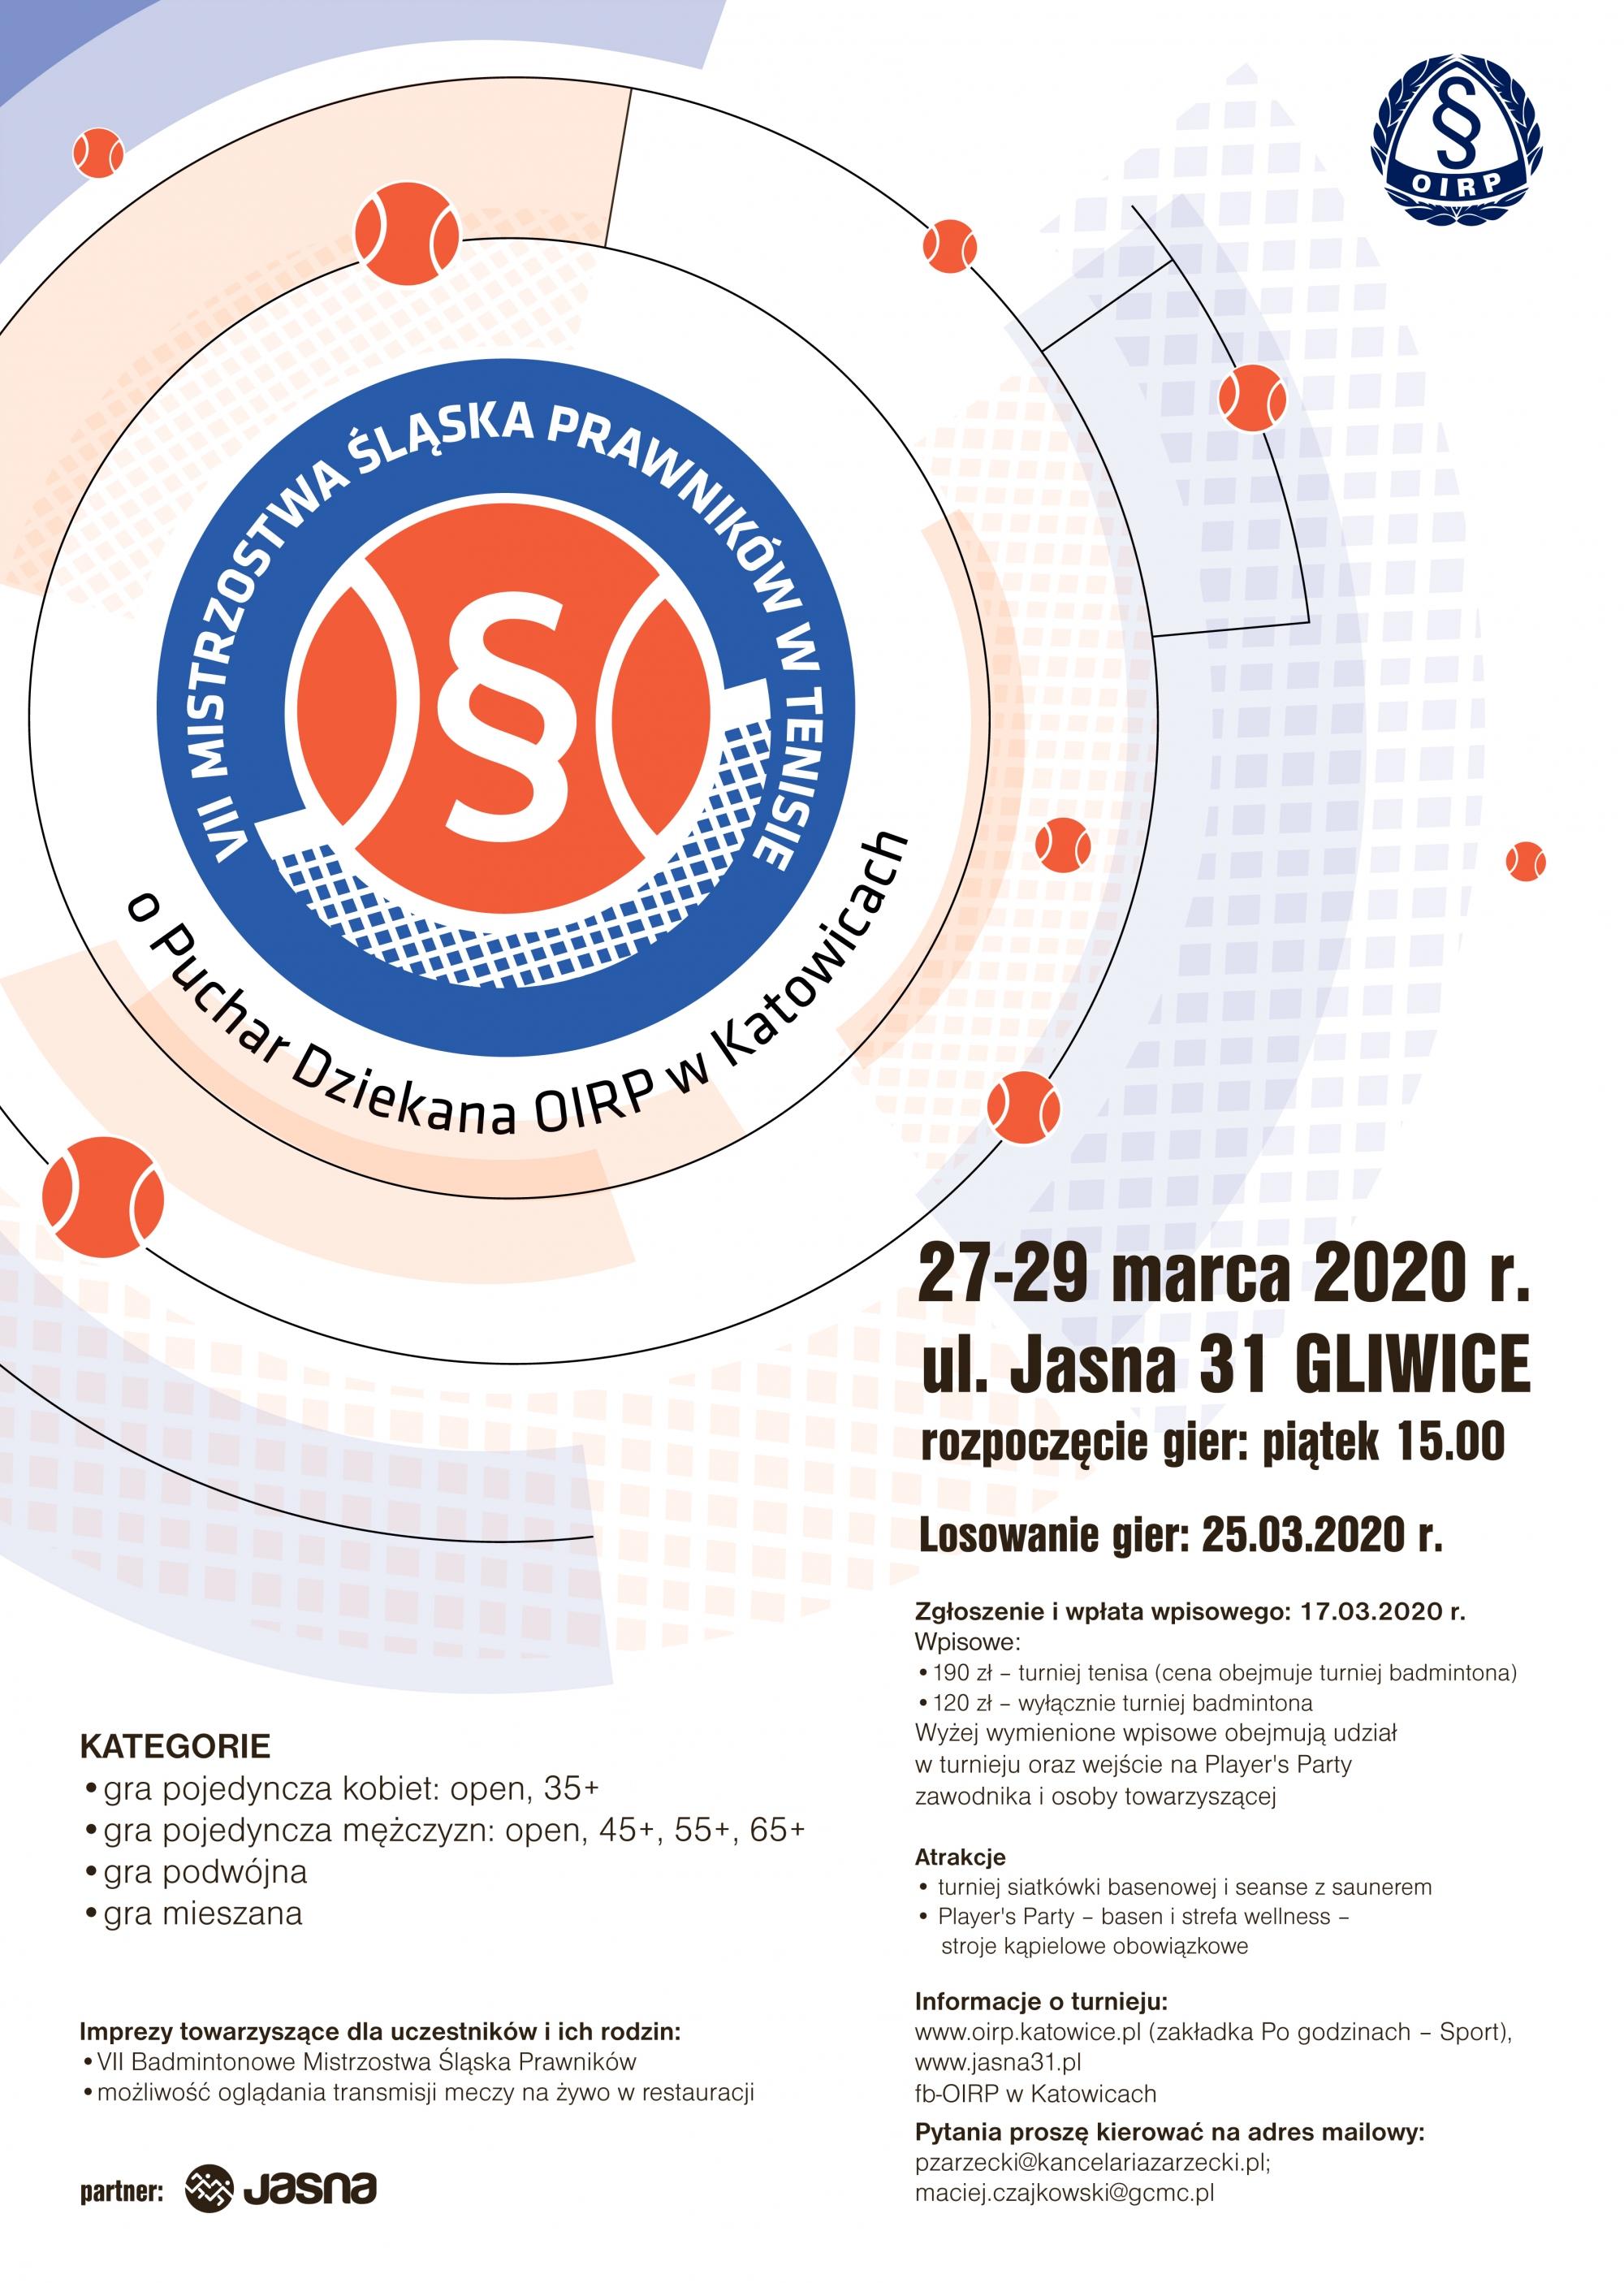 VII mistrzostwa śląska prawników w tenisie 2020-03-27, Jasna 31 Gliwice